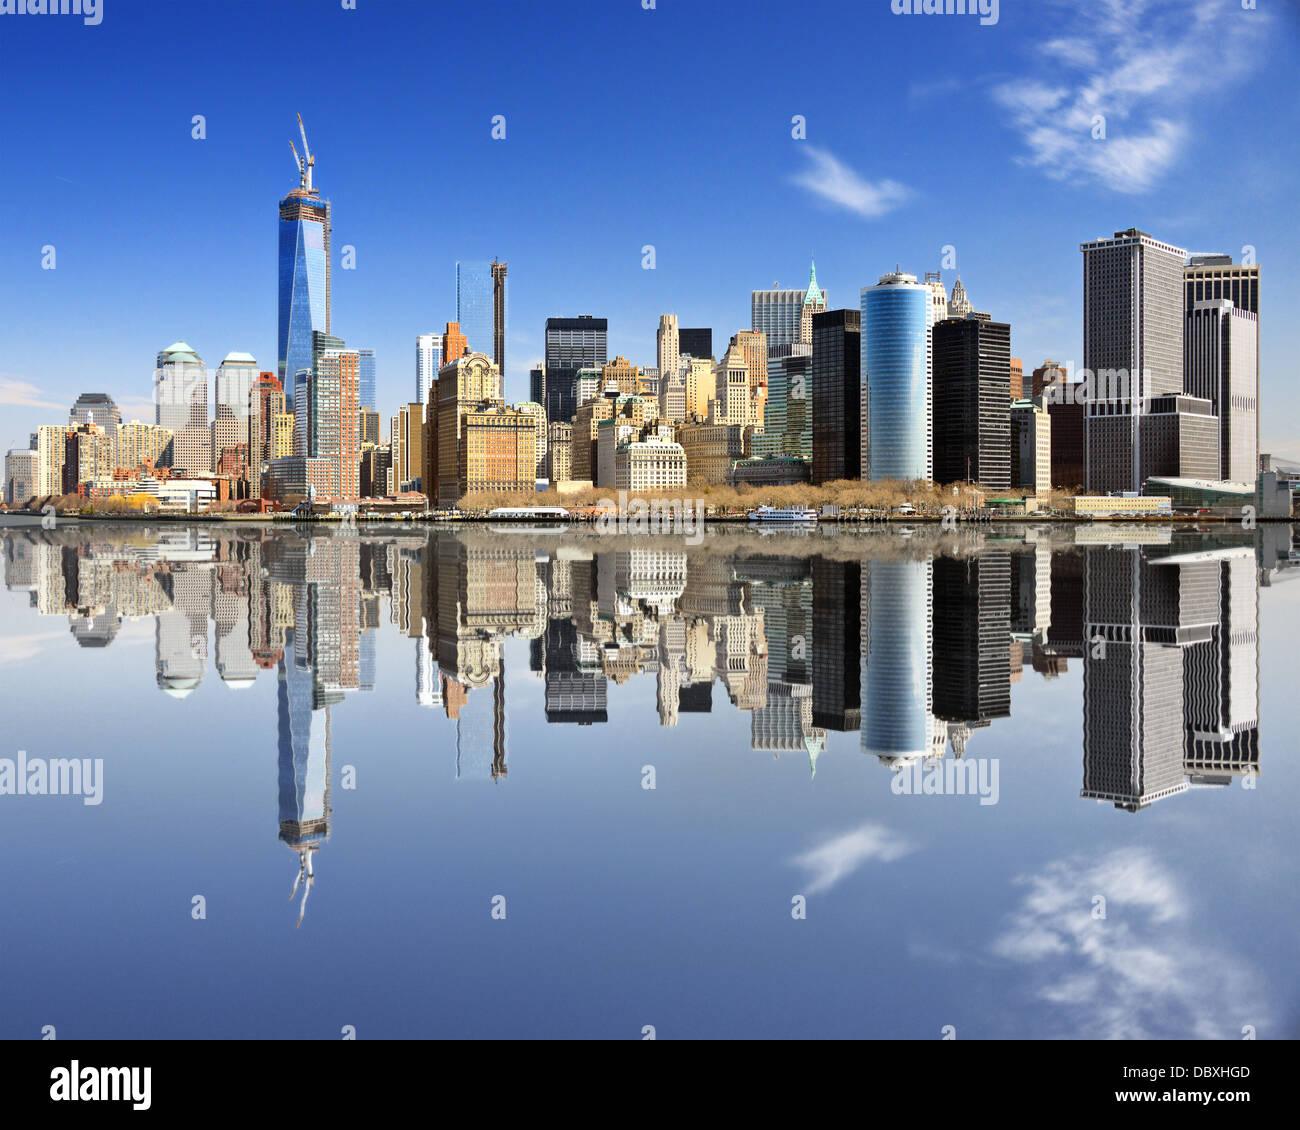 New York à Manhattan avec des réflexions. Photo Stock